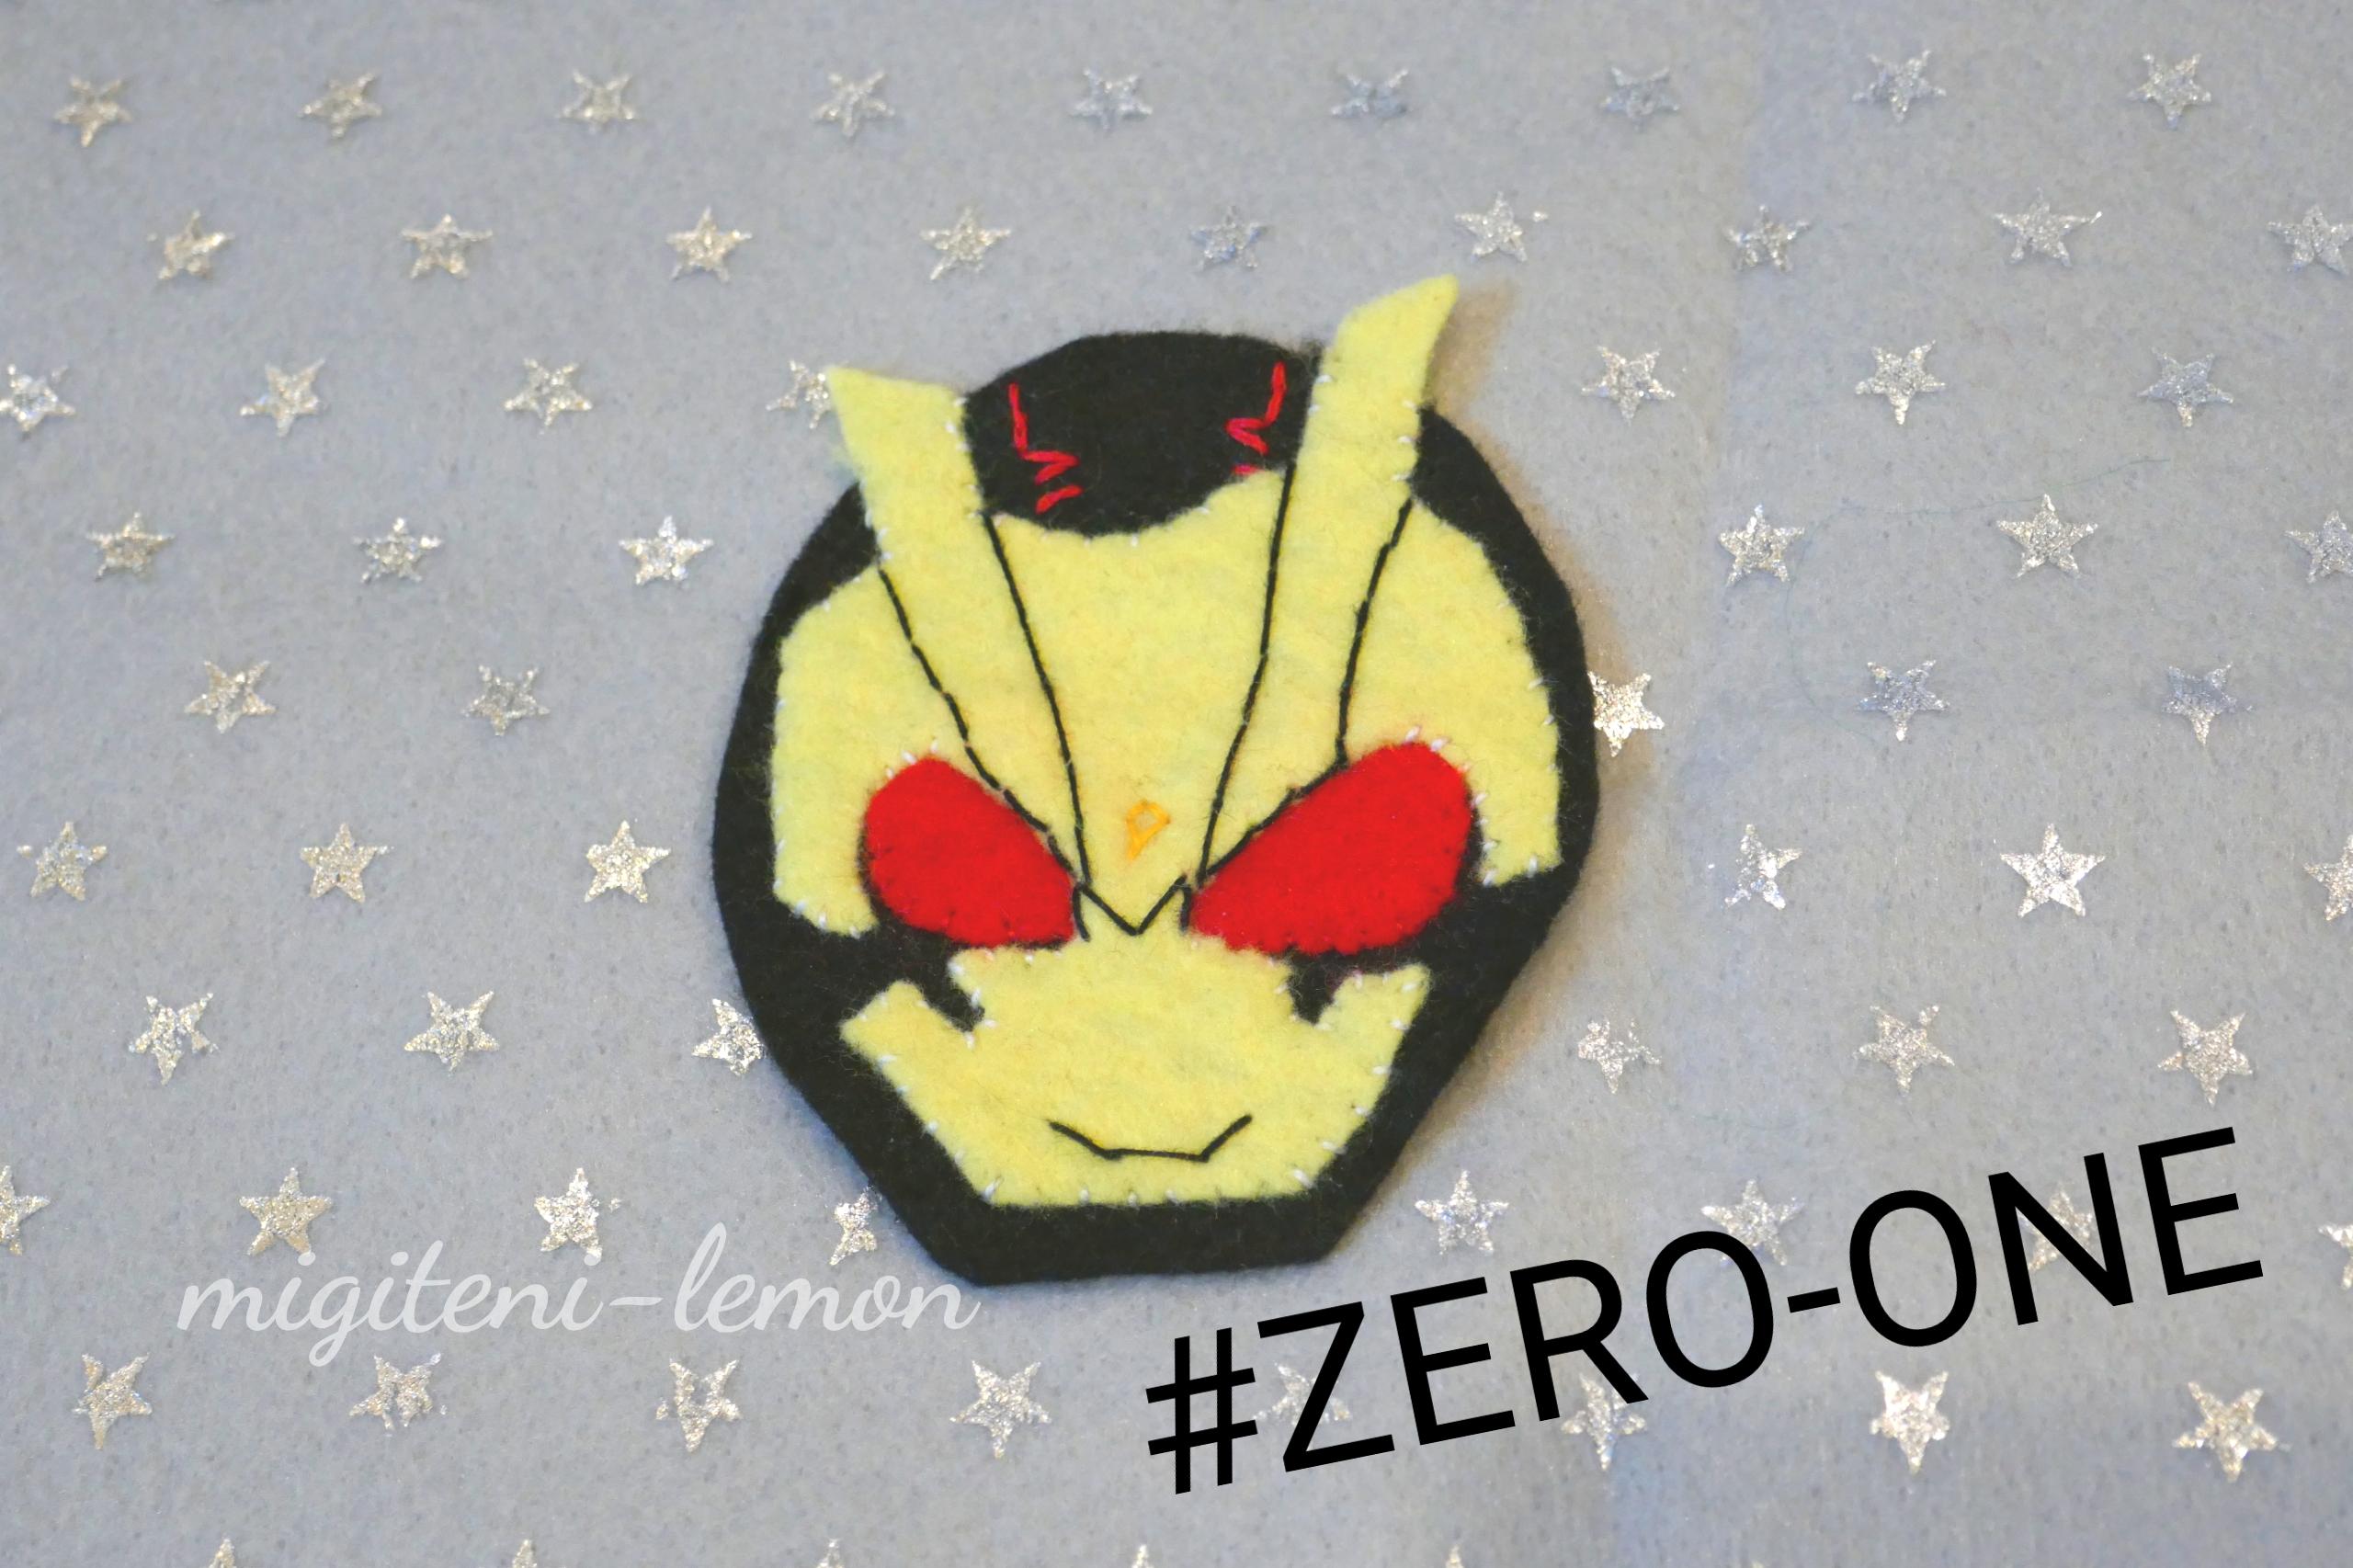 kamen-rider-zero-one-handmade